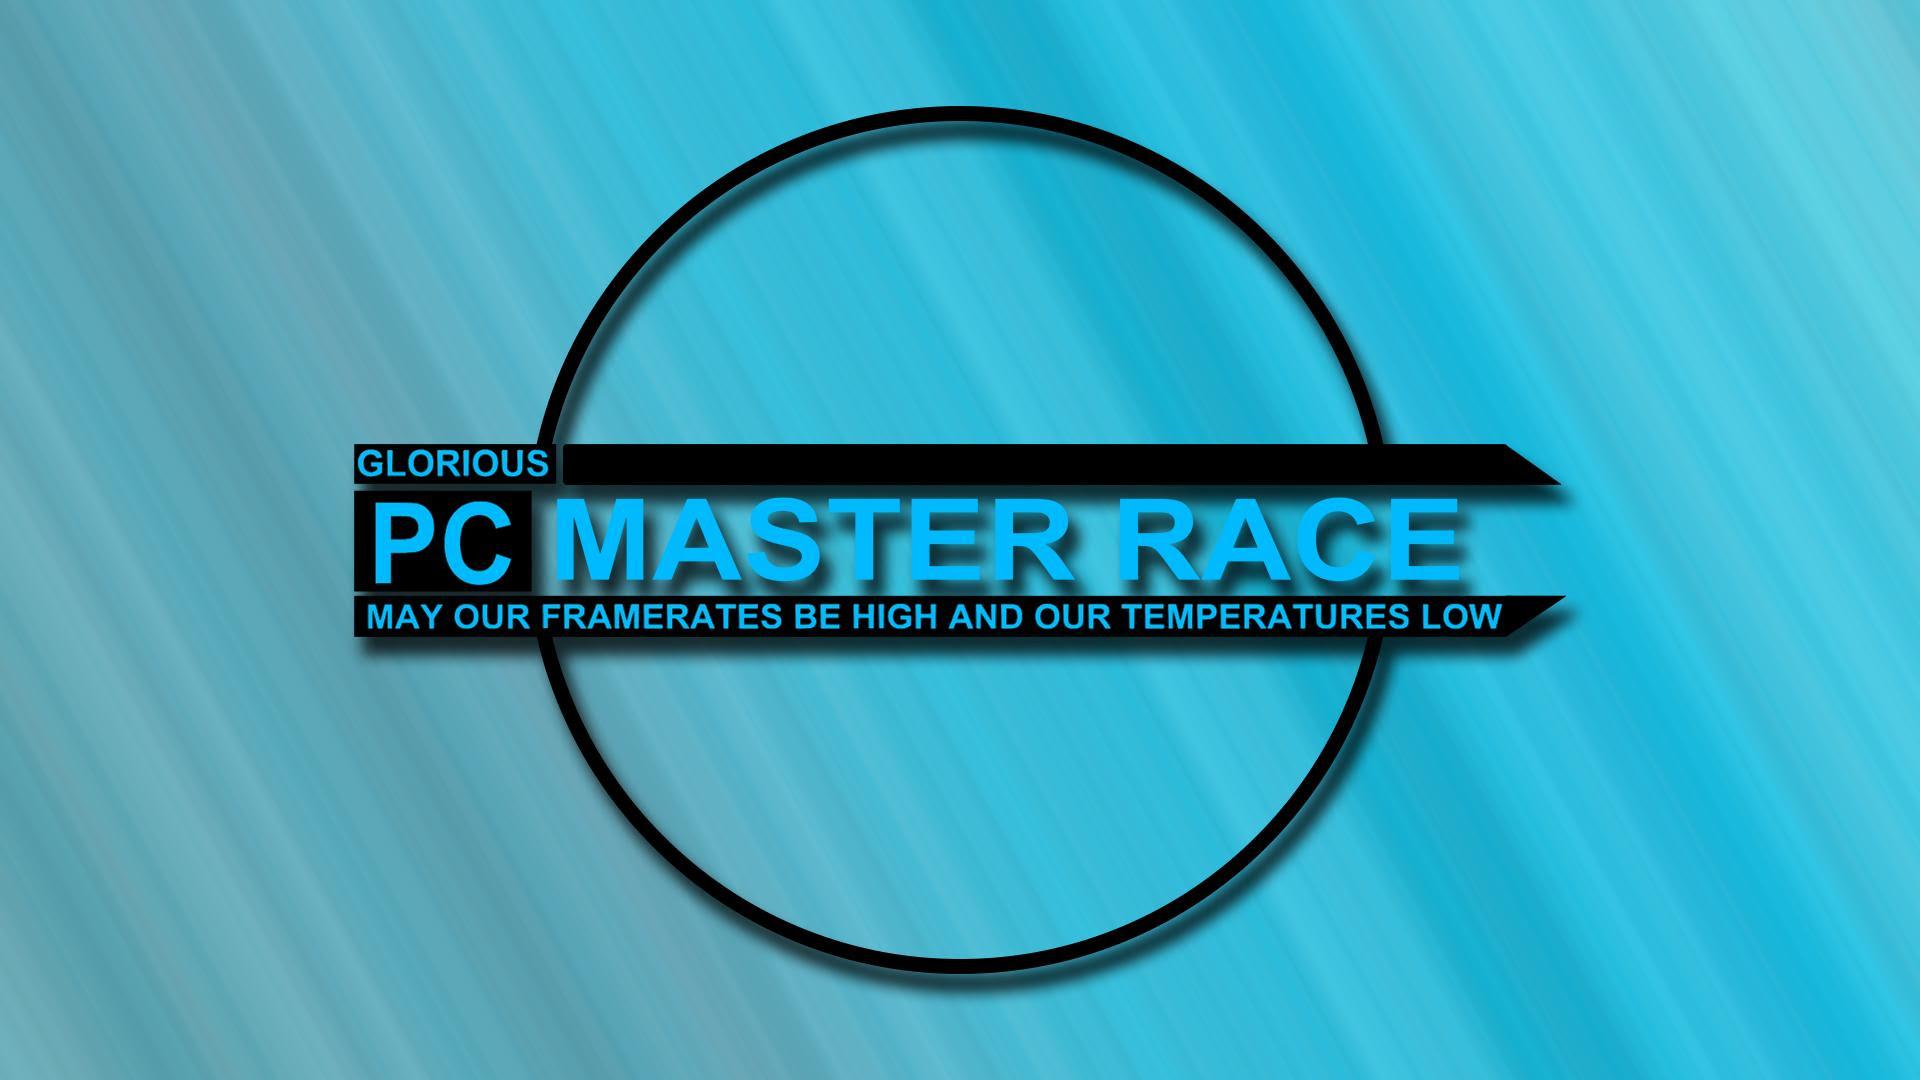 A Blue Pcmr 1080p Wallpaper Pcmasterrace